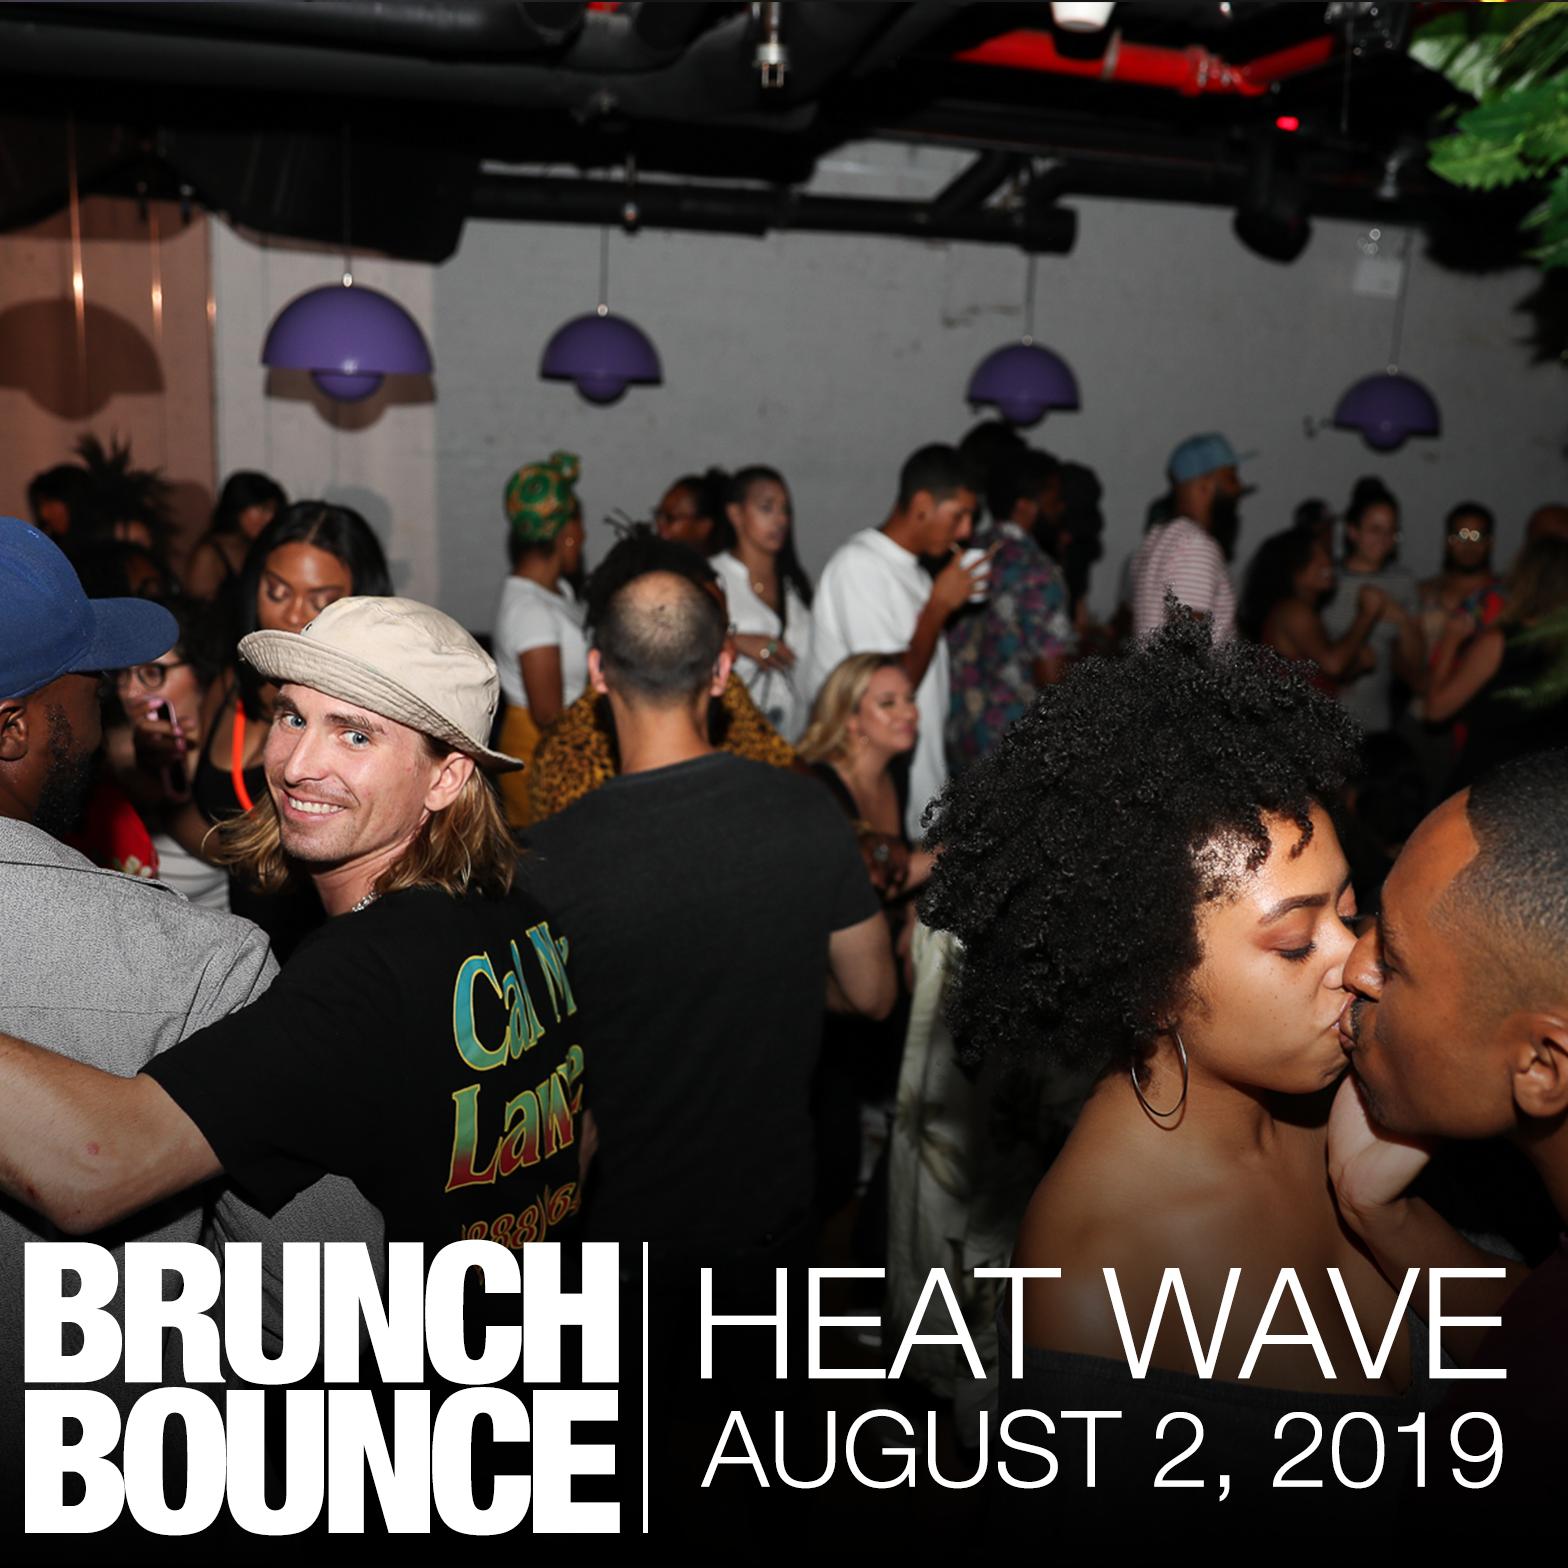 Heat Wave August 2, 2019